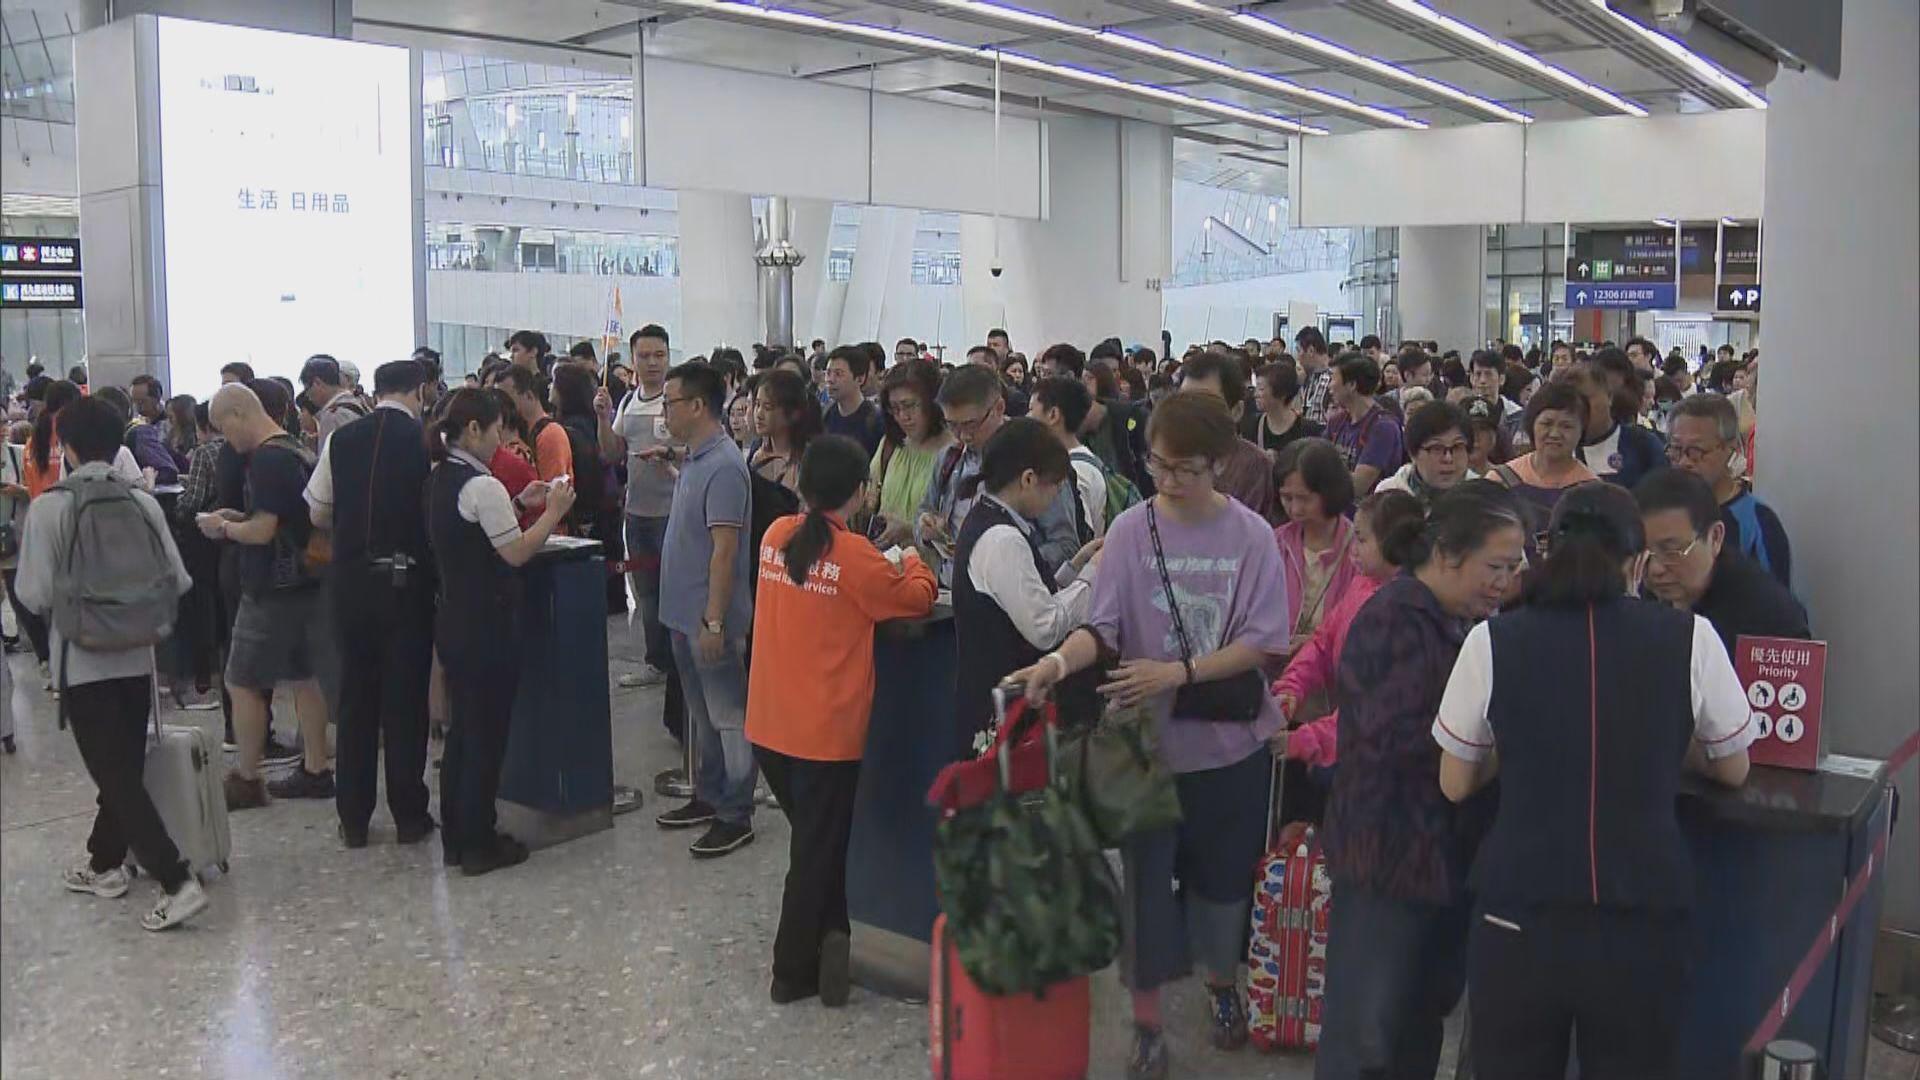 入境處:首日復活節假期有近八十萬人次出境